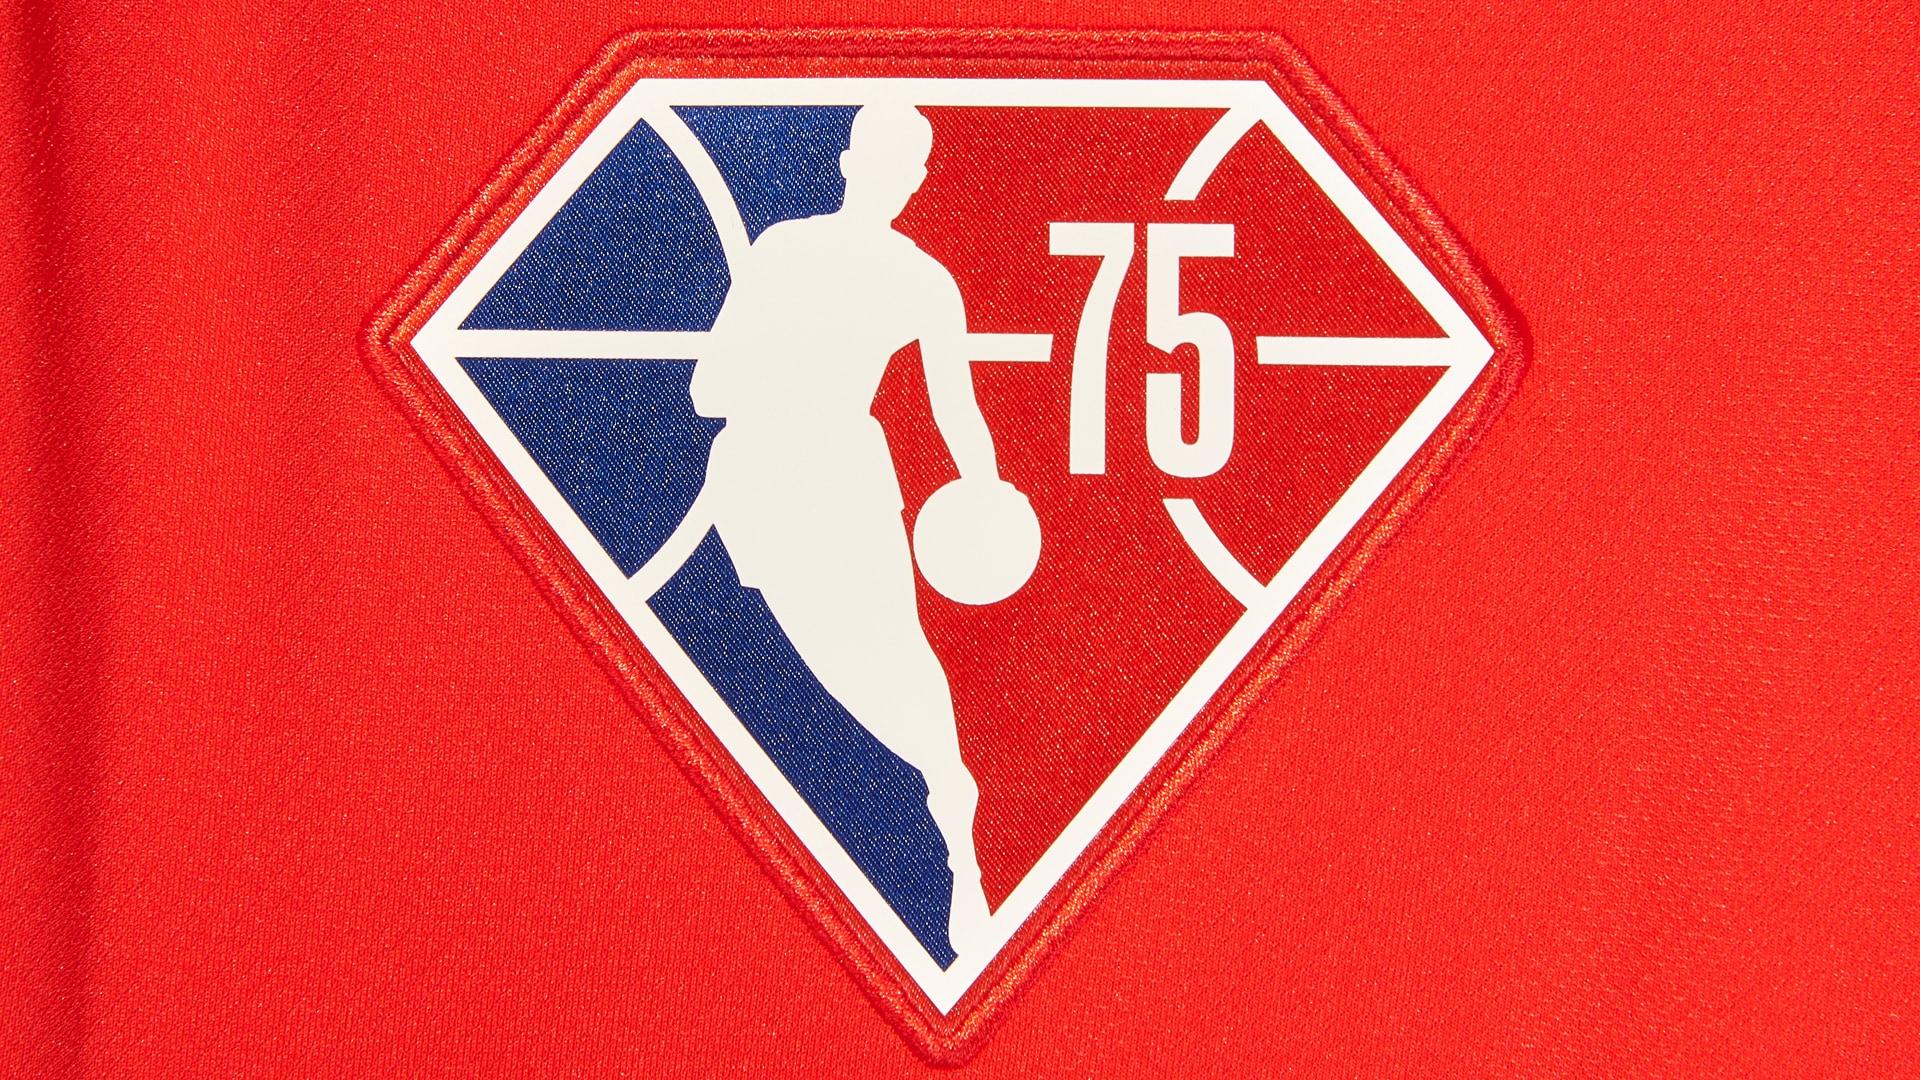 NBA unveils diamond embellishments for NBA 75 jerseys